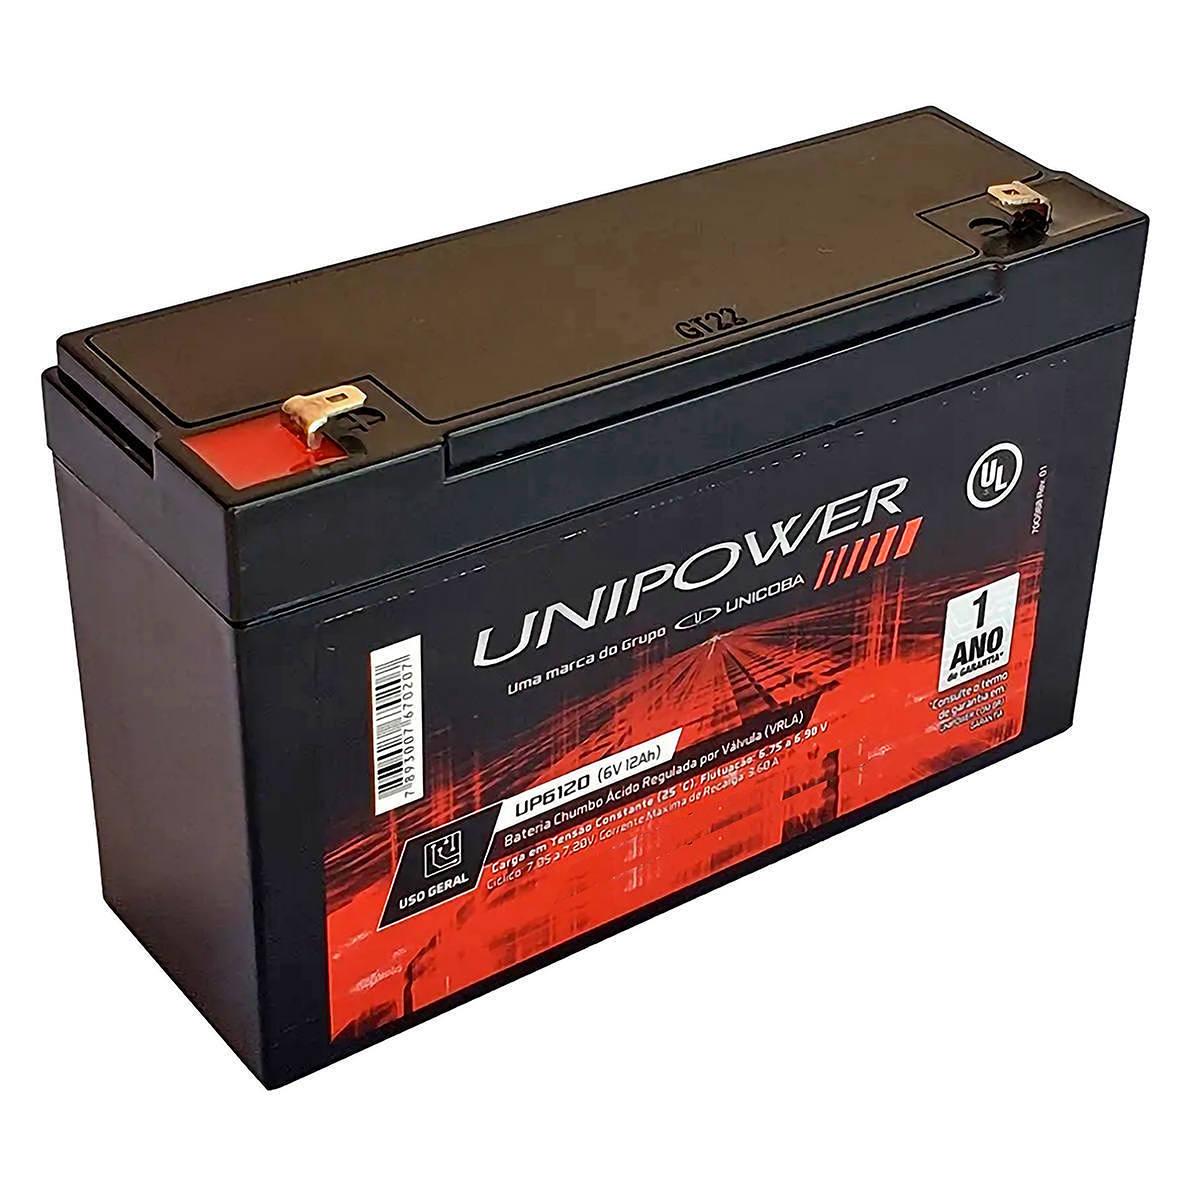 Bateria 6V 12Ah Selada para Brinquedos Eletrônicos Moto e Carro Elétricos VRLA Unicoba Unipower UP6120